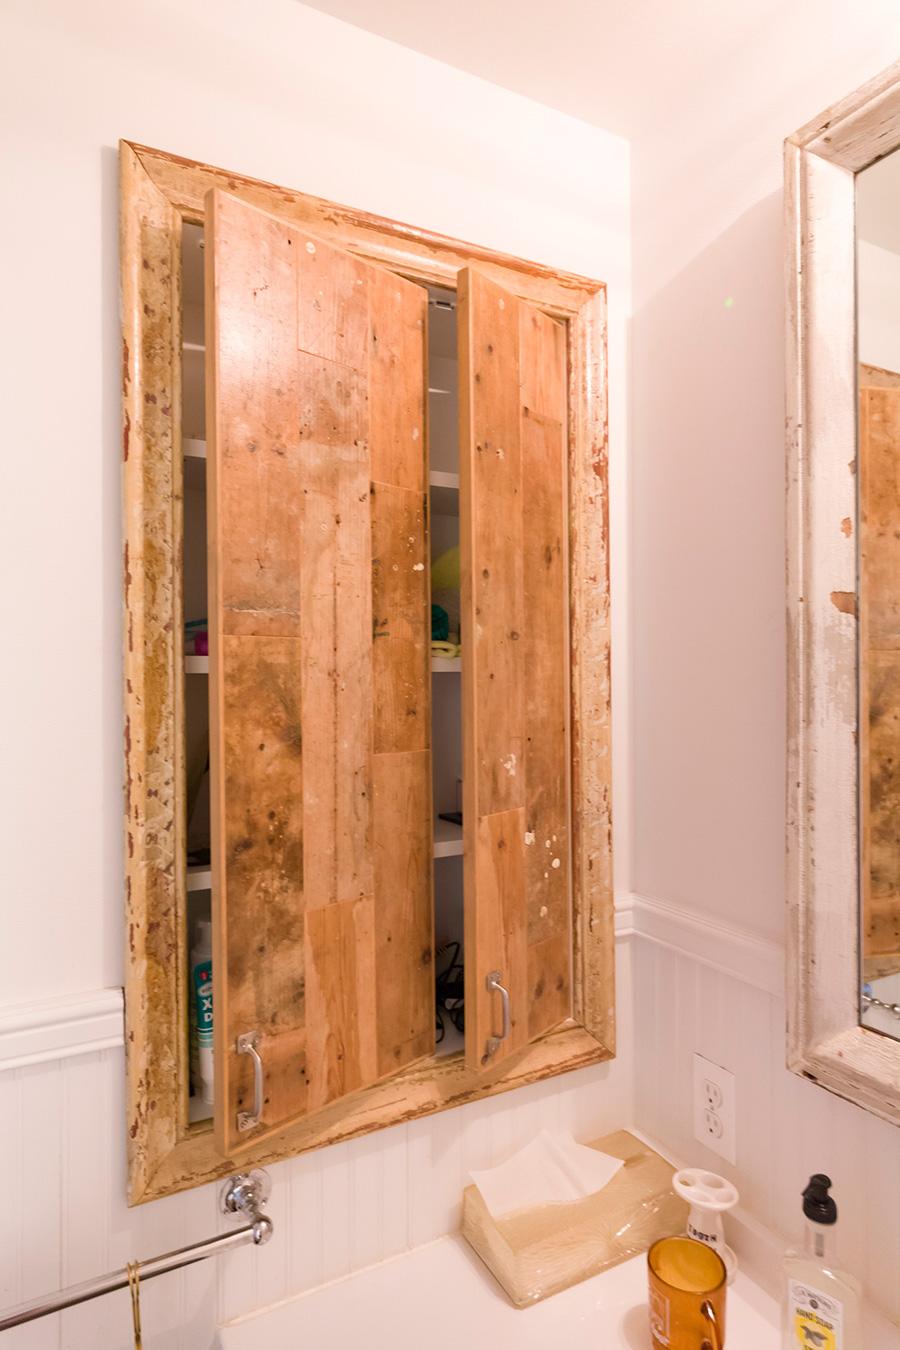 「洗面所の収納棚は手前が開きます。観音開きよりモノが取り出しすいので気に入っています。施工していただいた方のアイディアです」